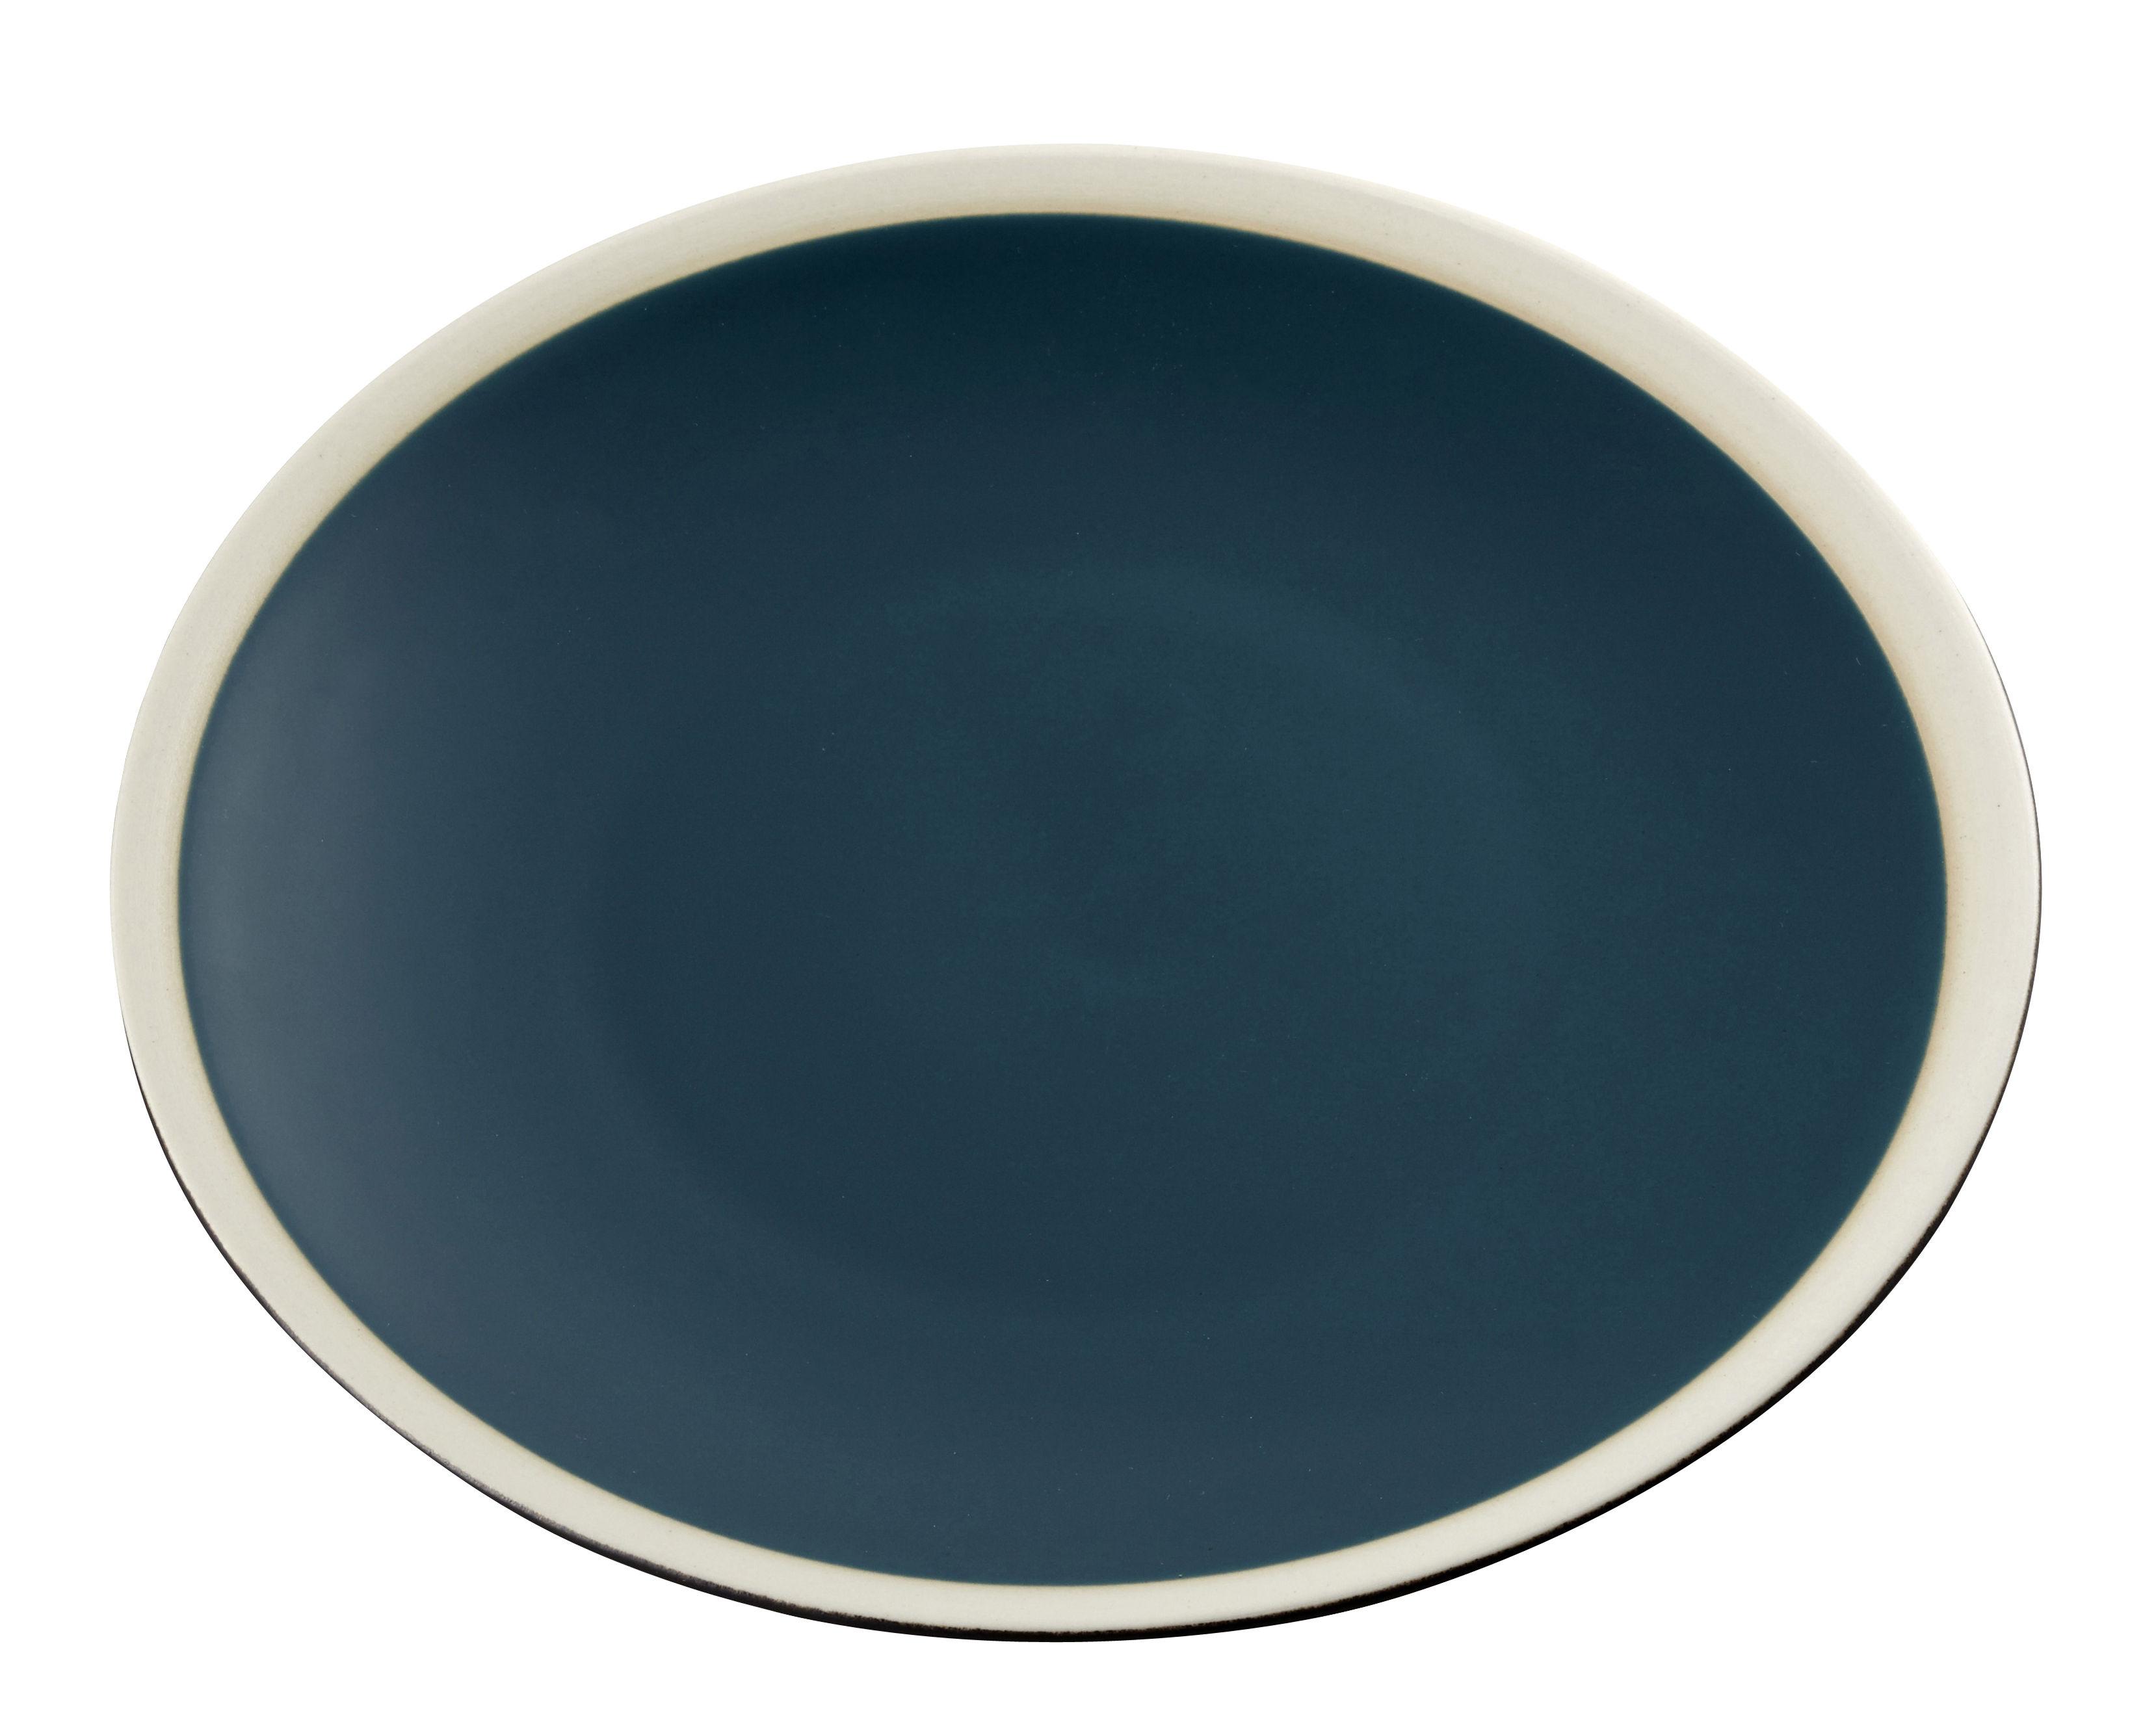 Assiette Sicilia 26 Cm Bleu Sarah Blanc Maison